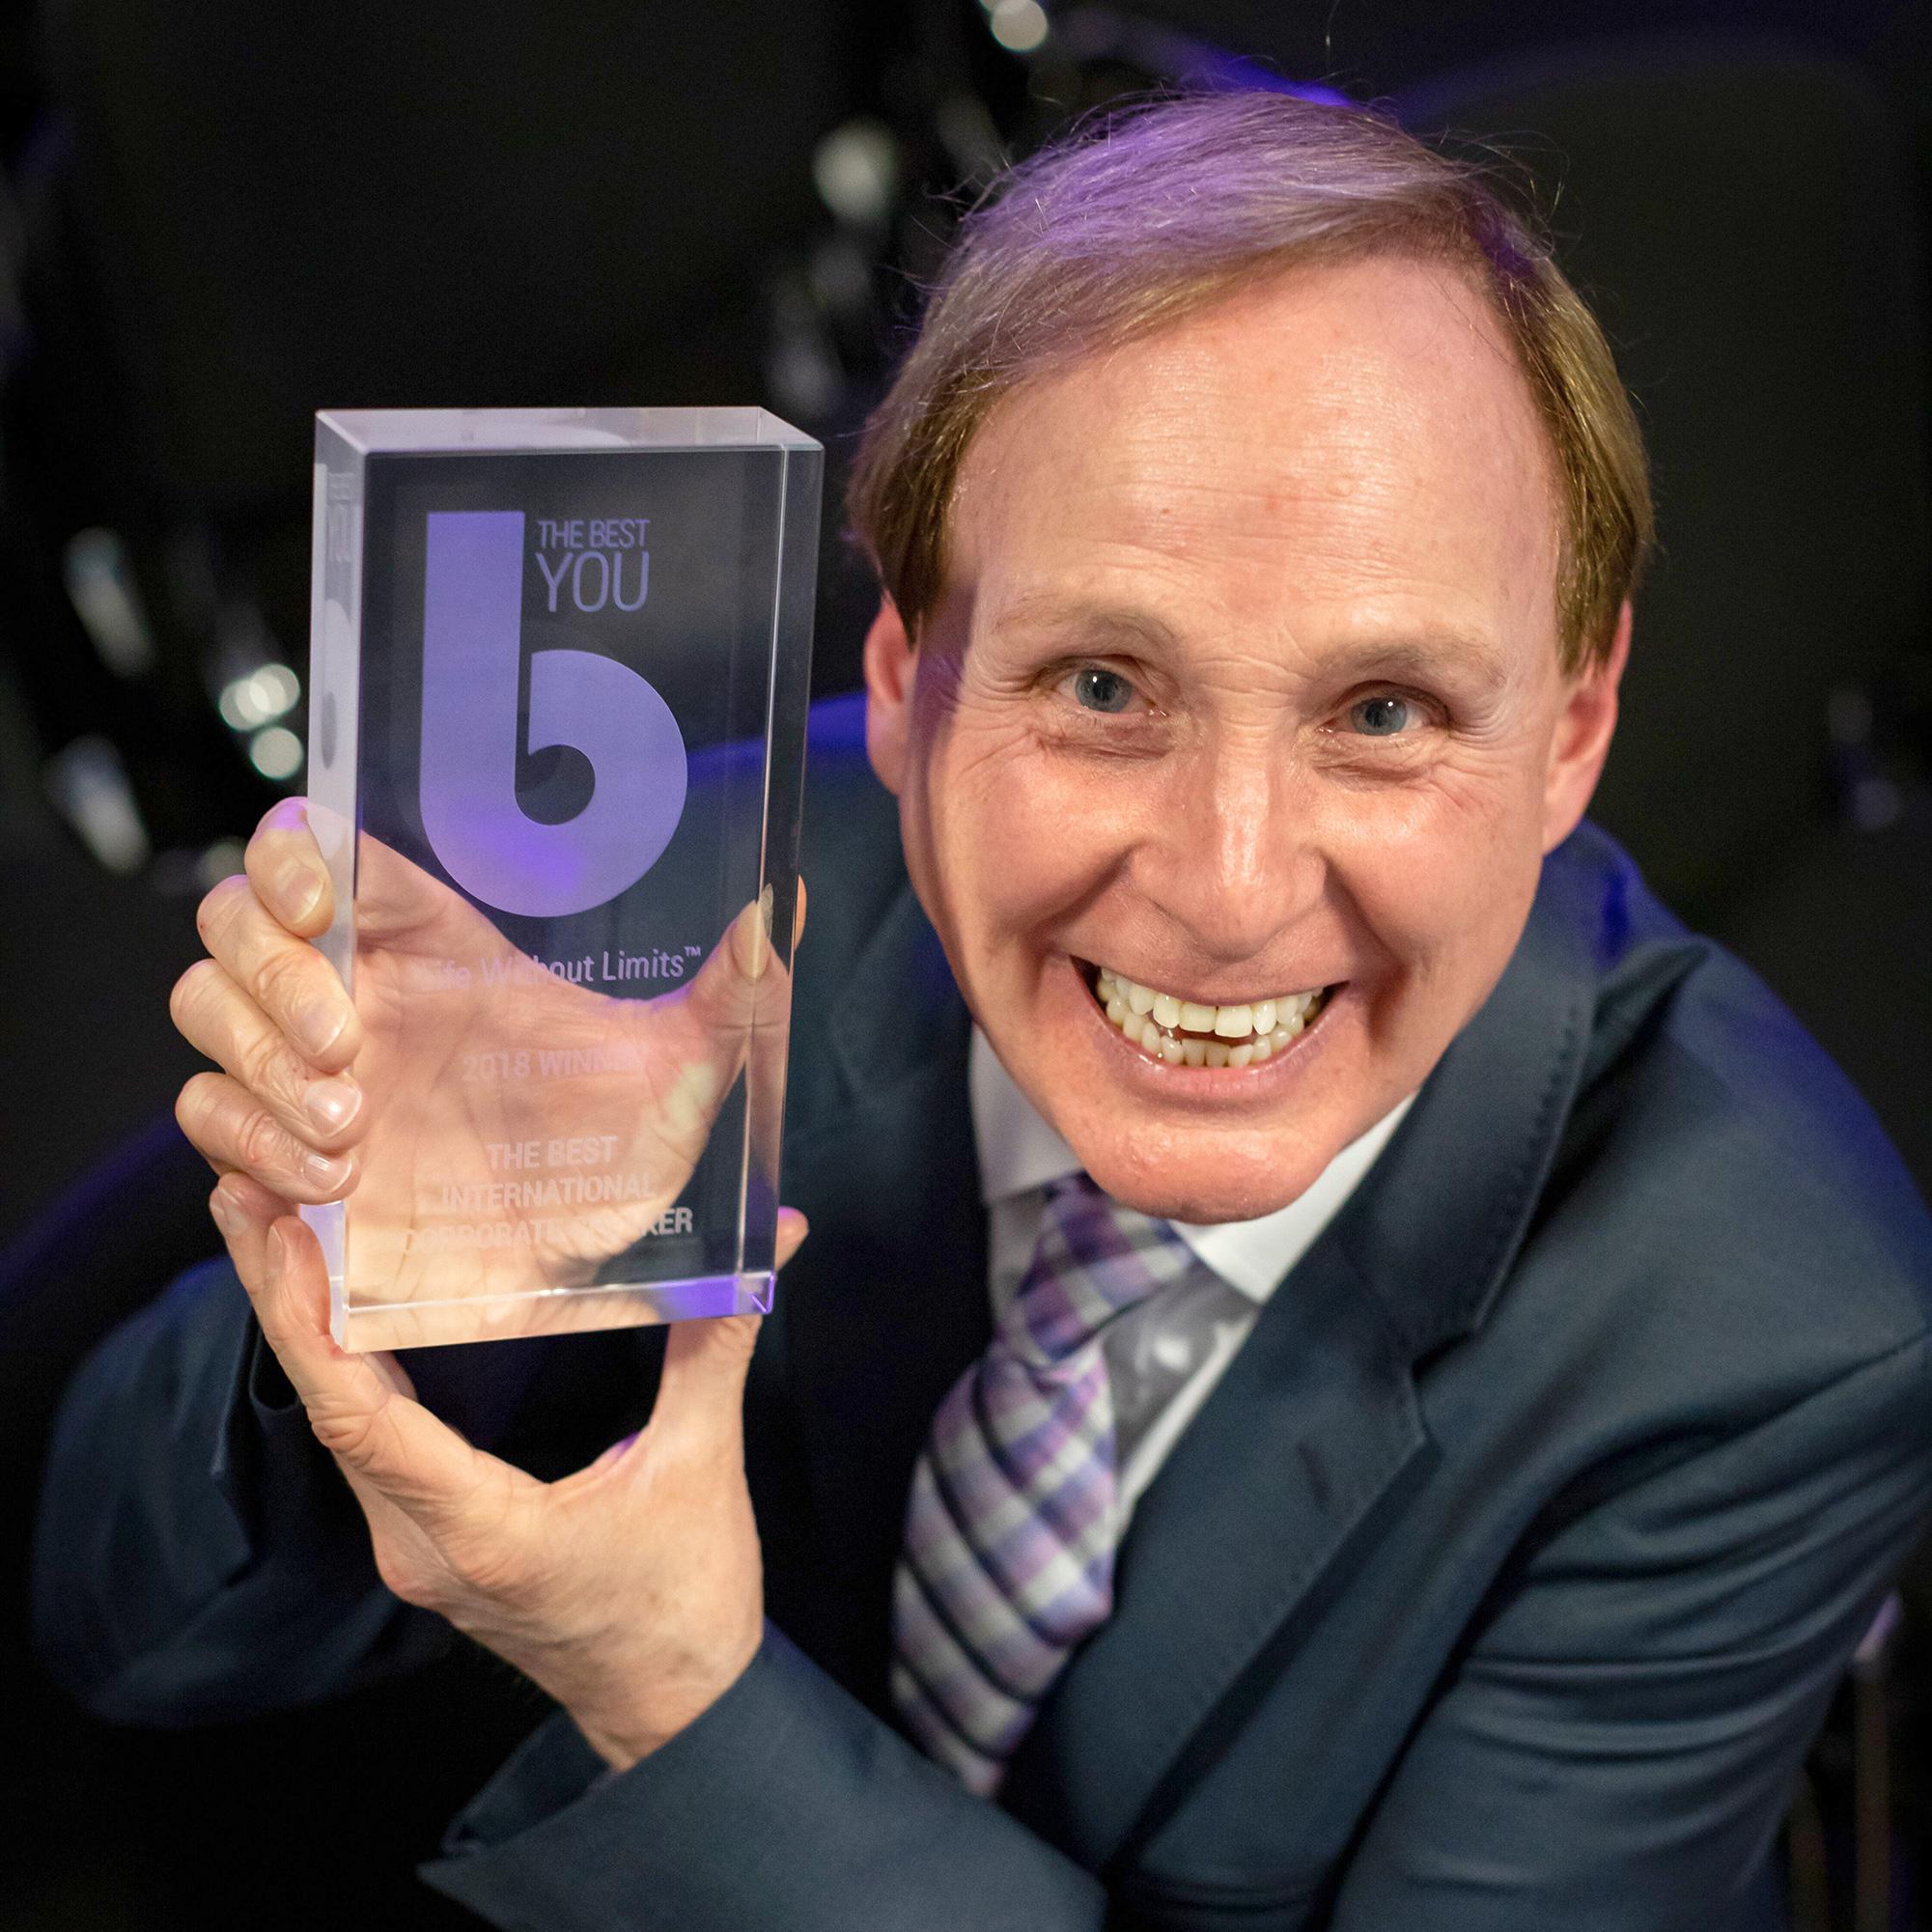 Paul Boross holding his award for Best International Corporate Speaker